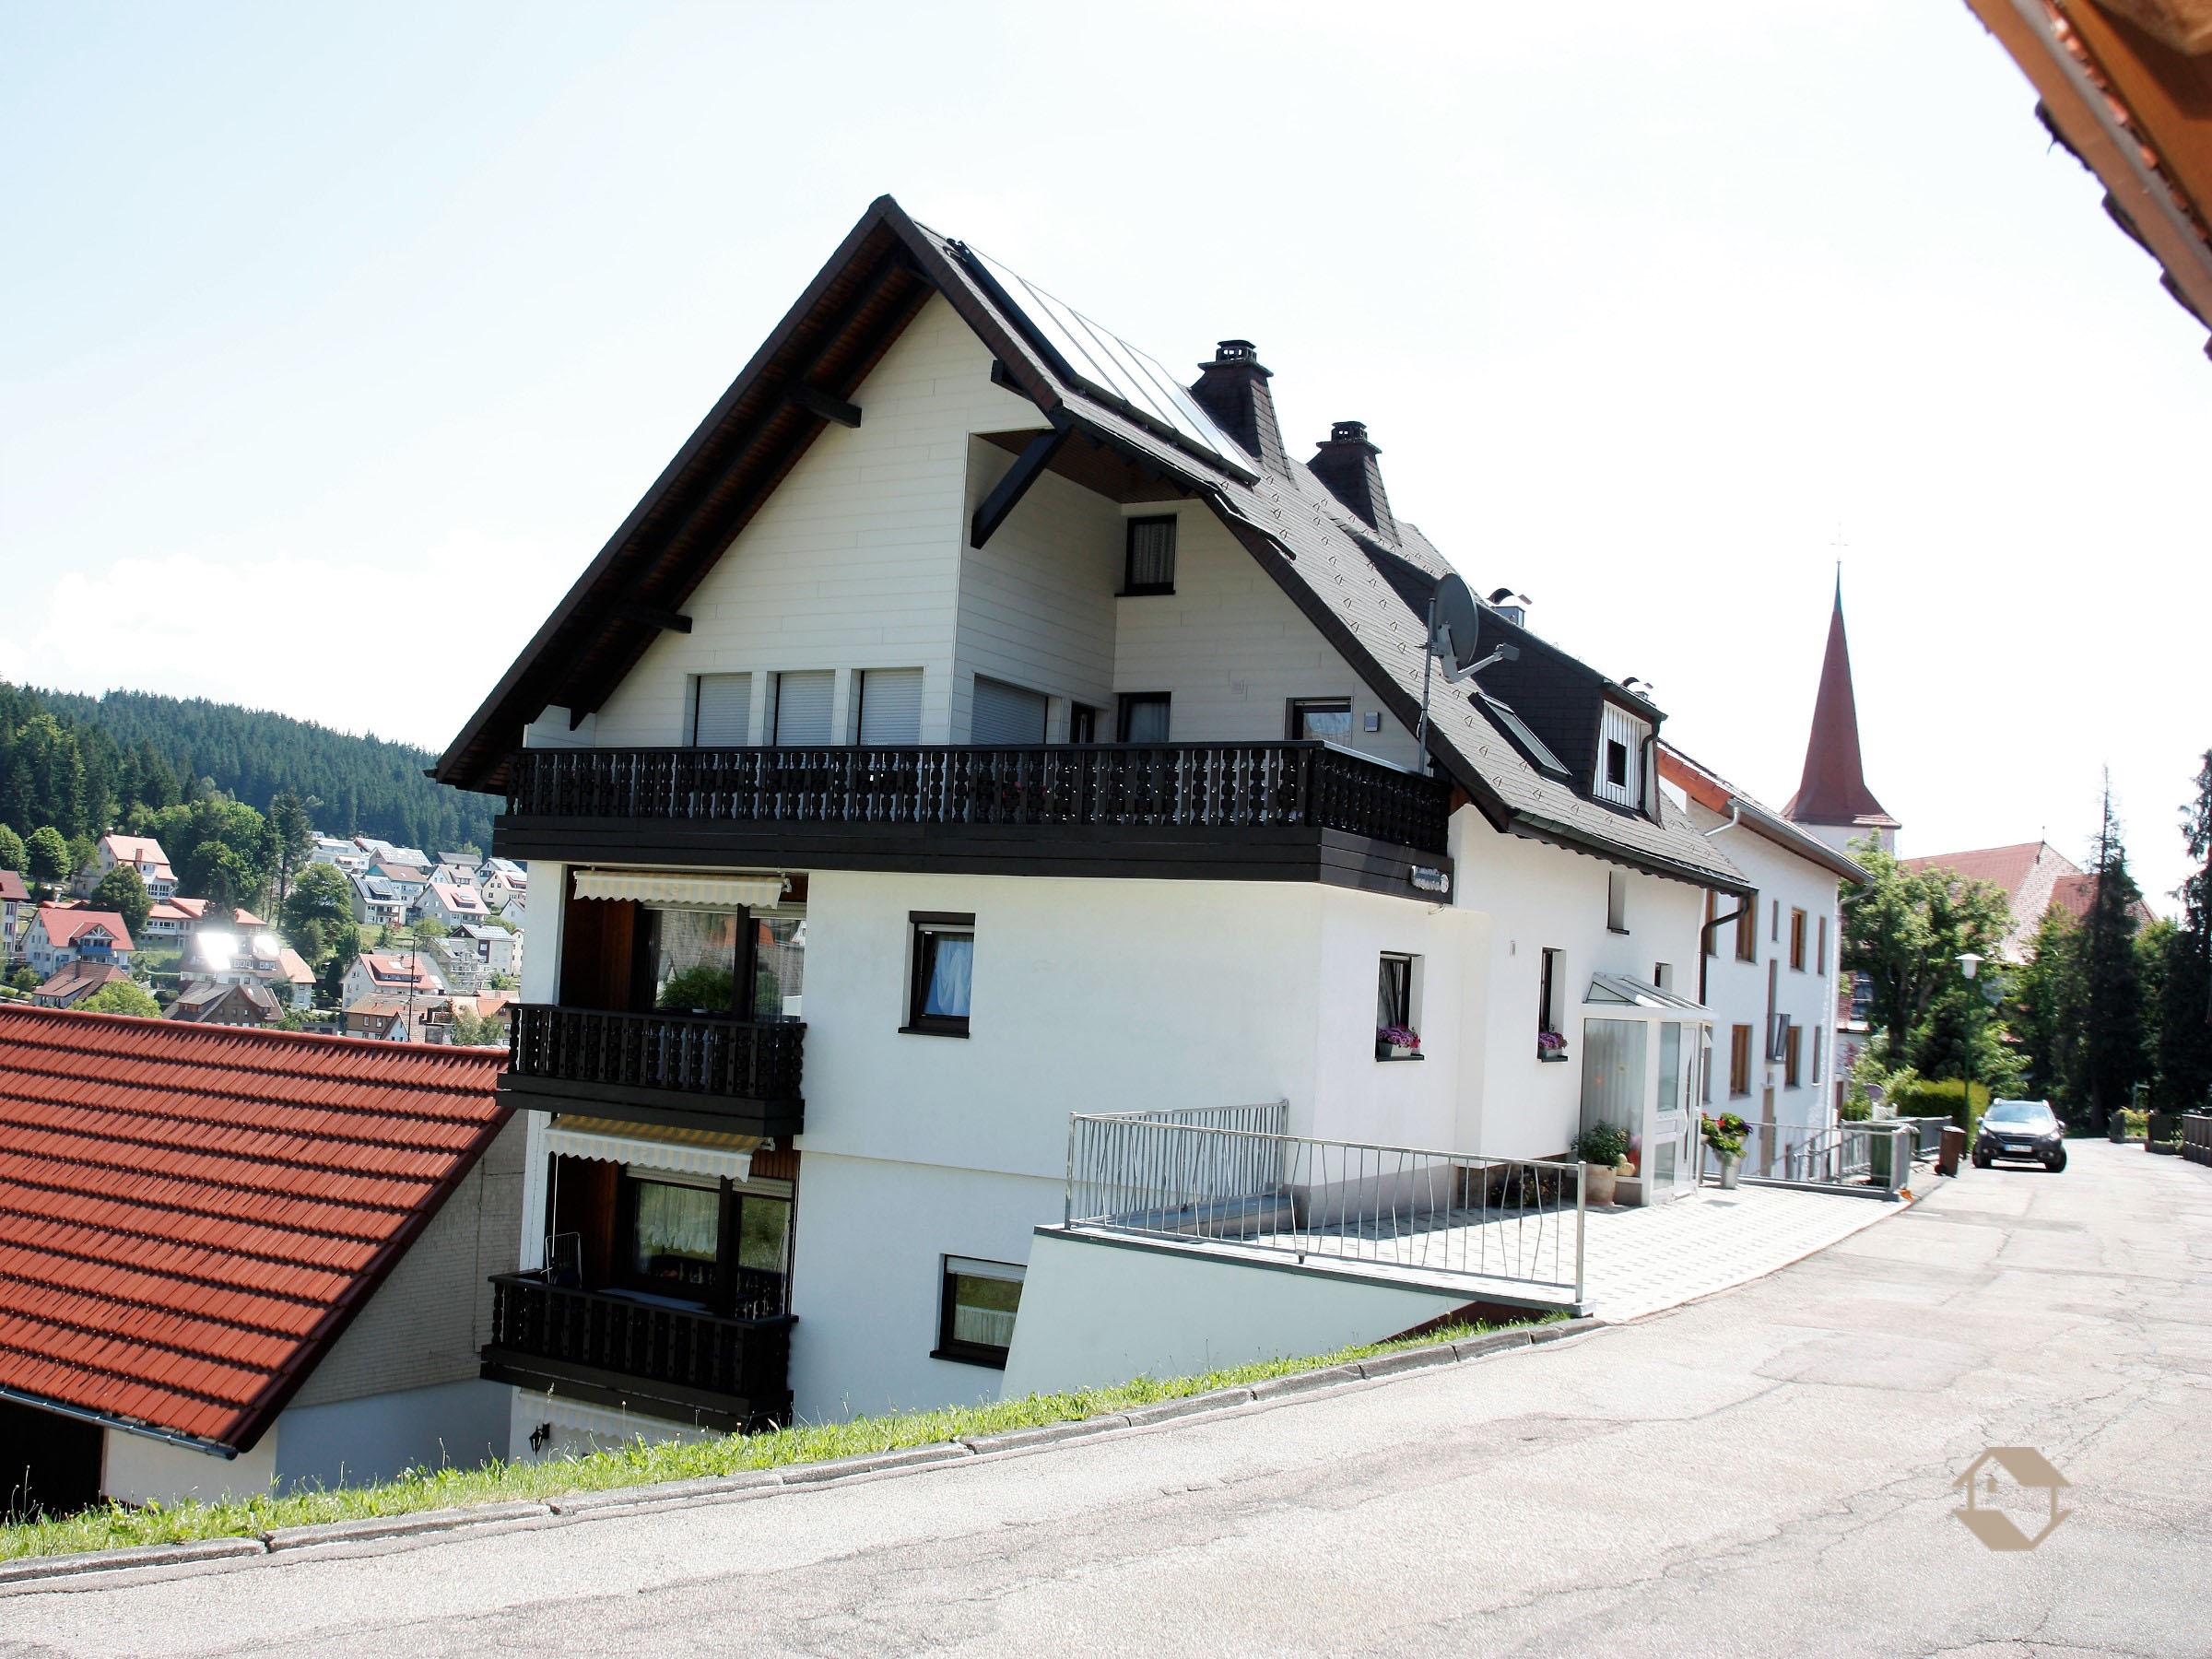 Haus Walter, (Schonach). Ferienwohnung, 45qm, 1 Sc Ferienwohnung